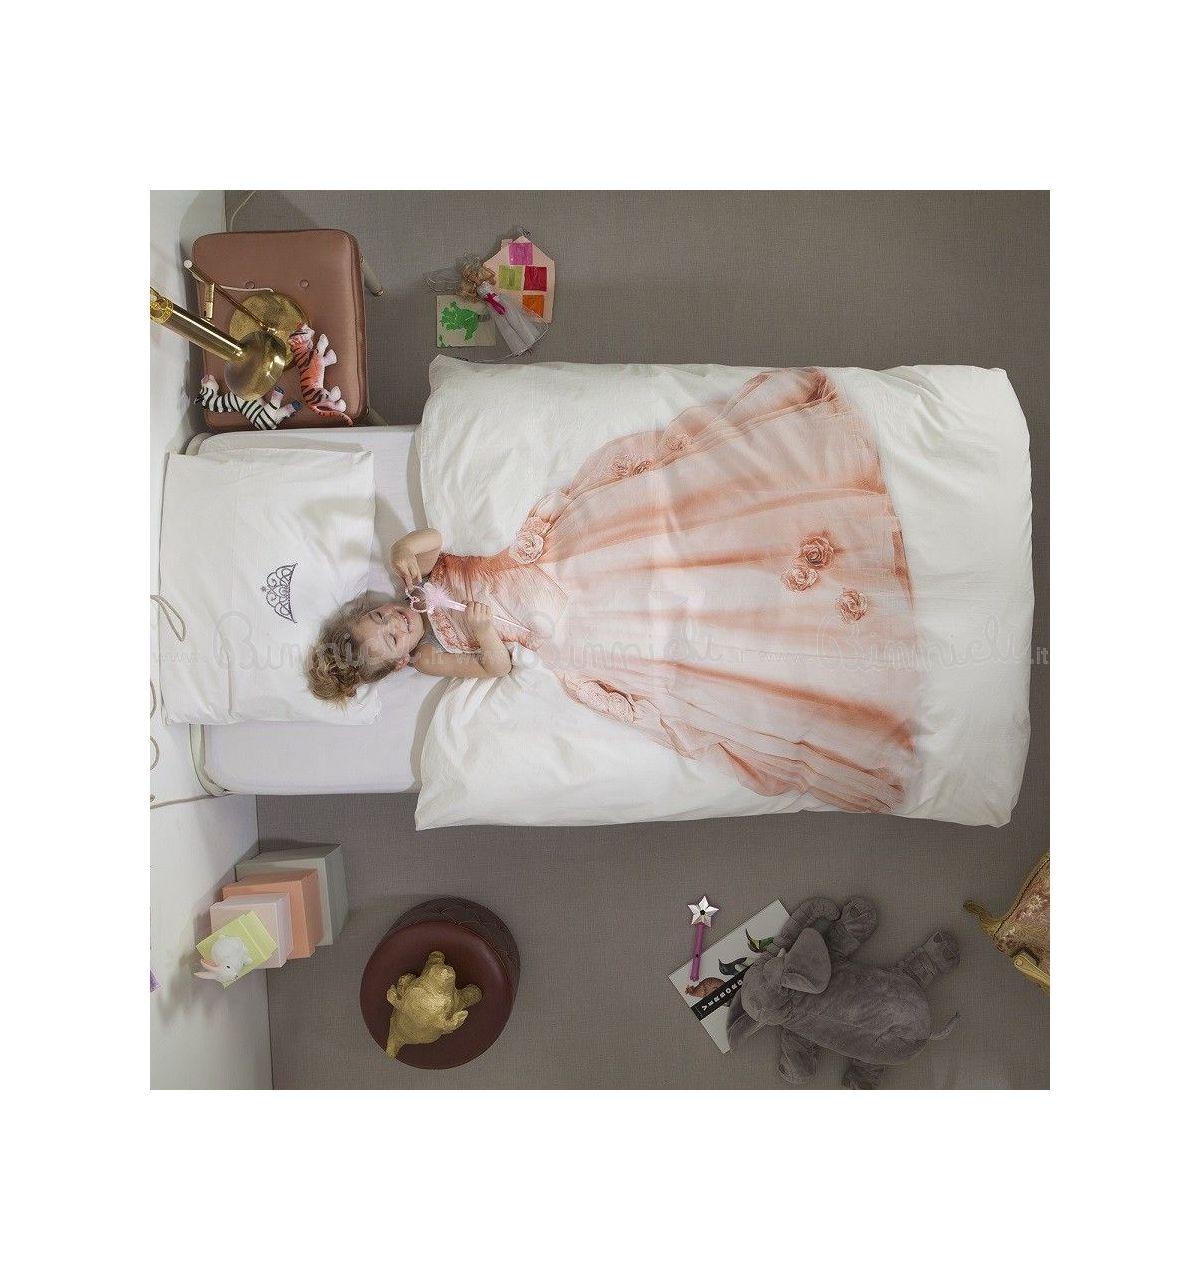 Snurk copripiumino principessa per letto singolo - Copripiumino letto singolo ...